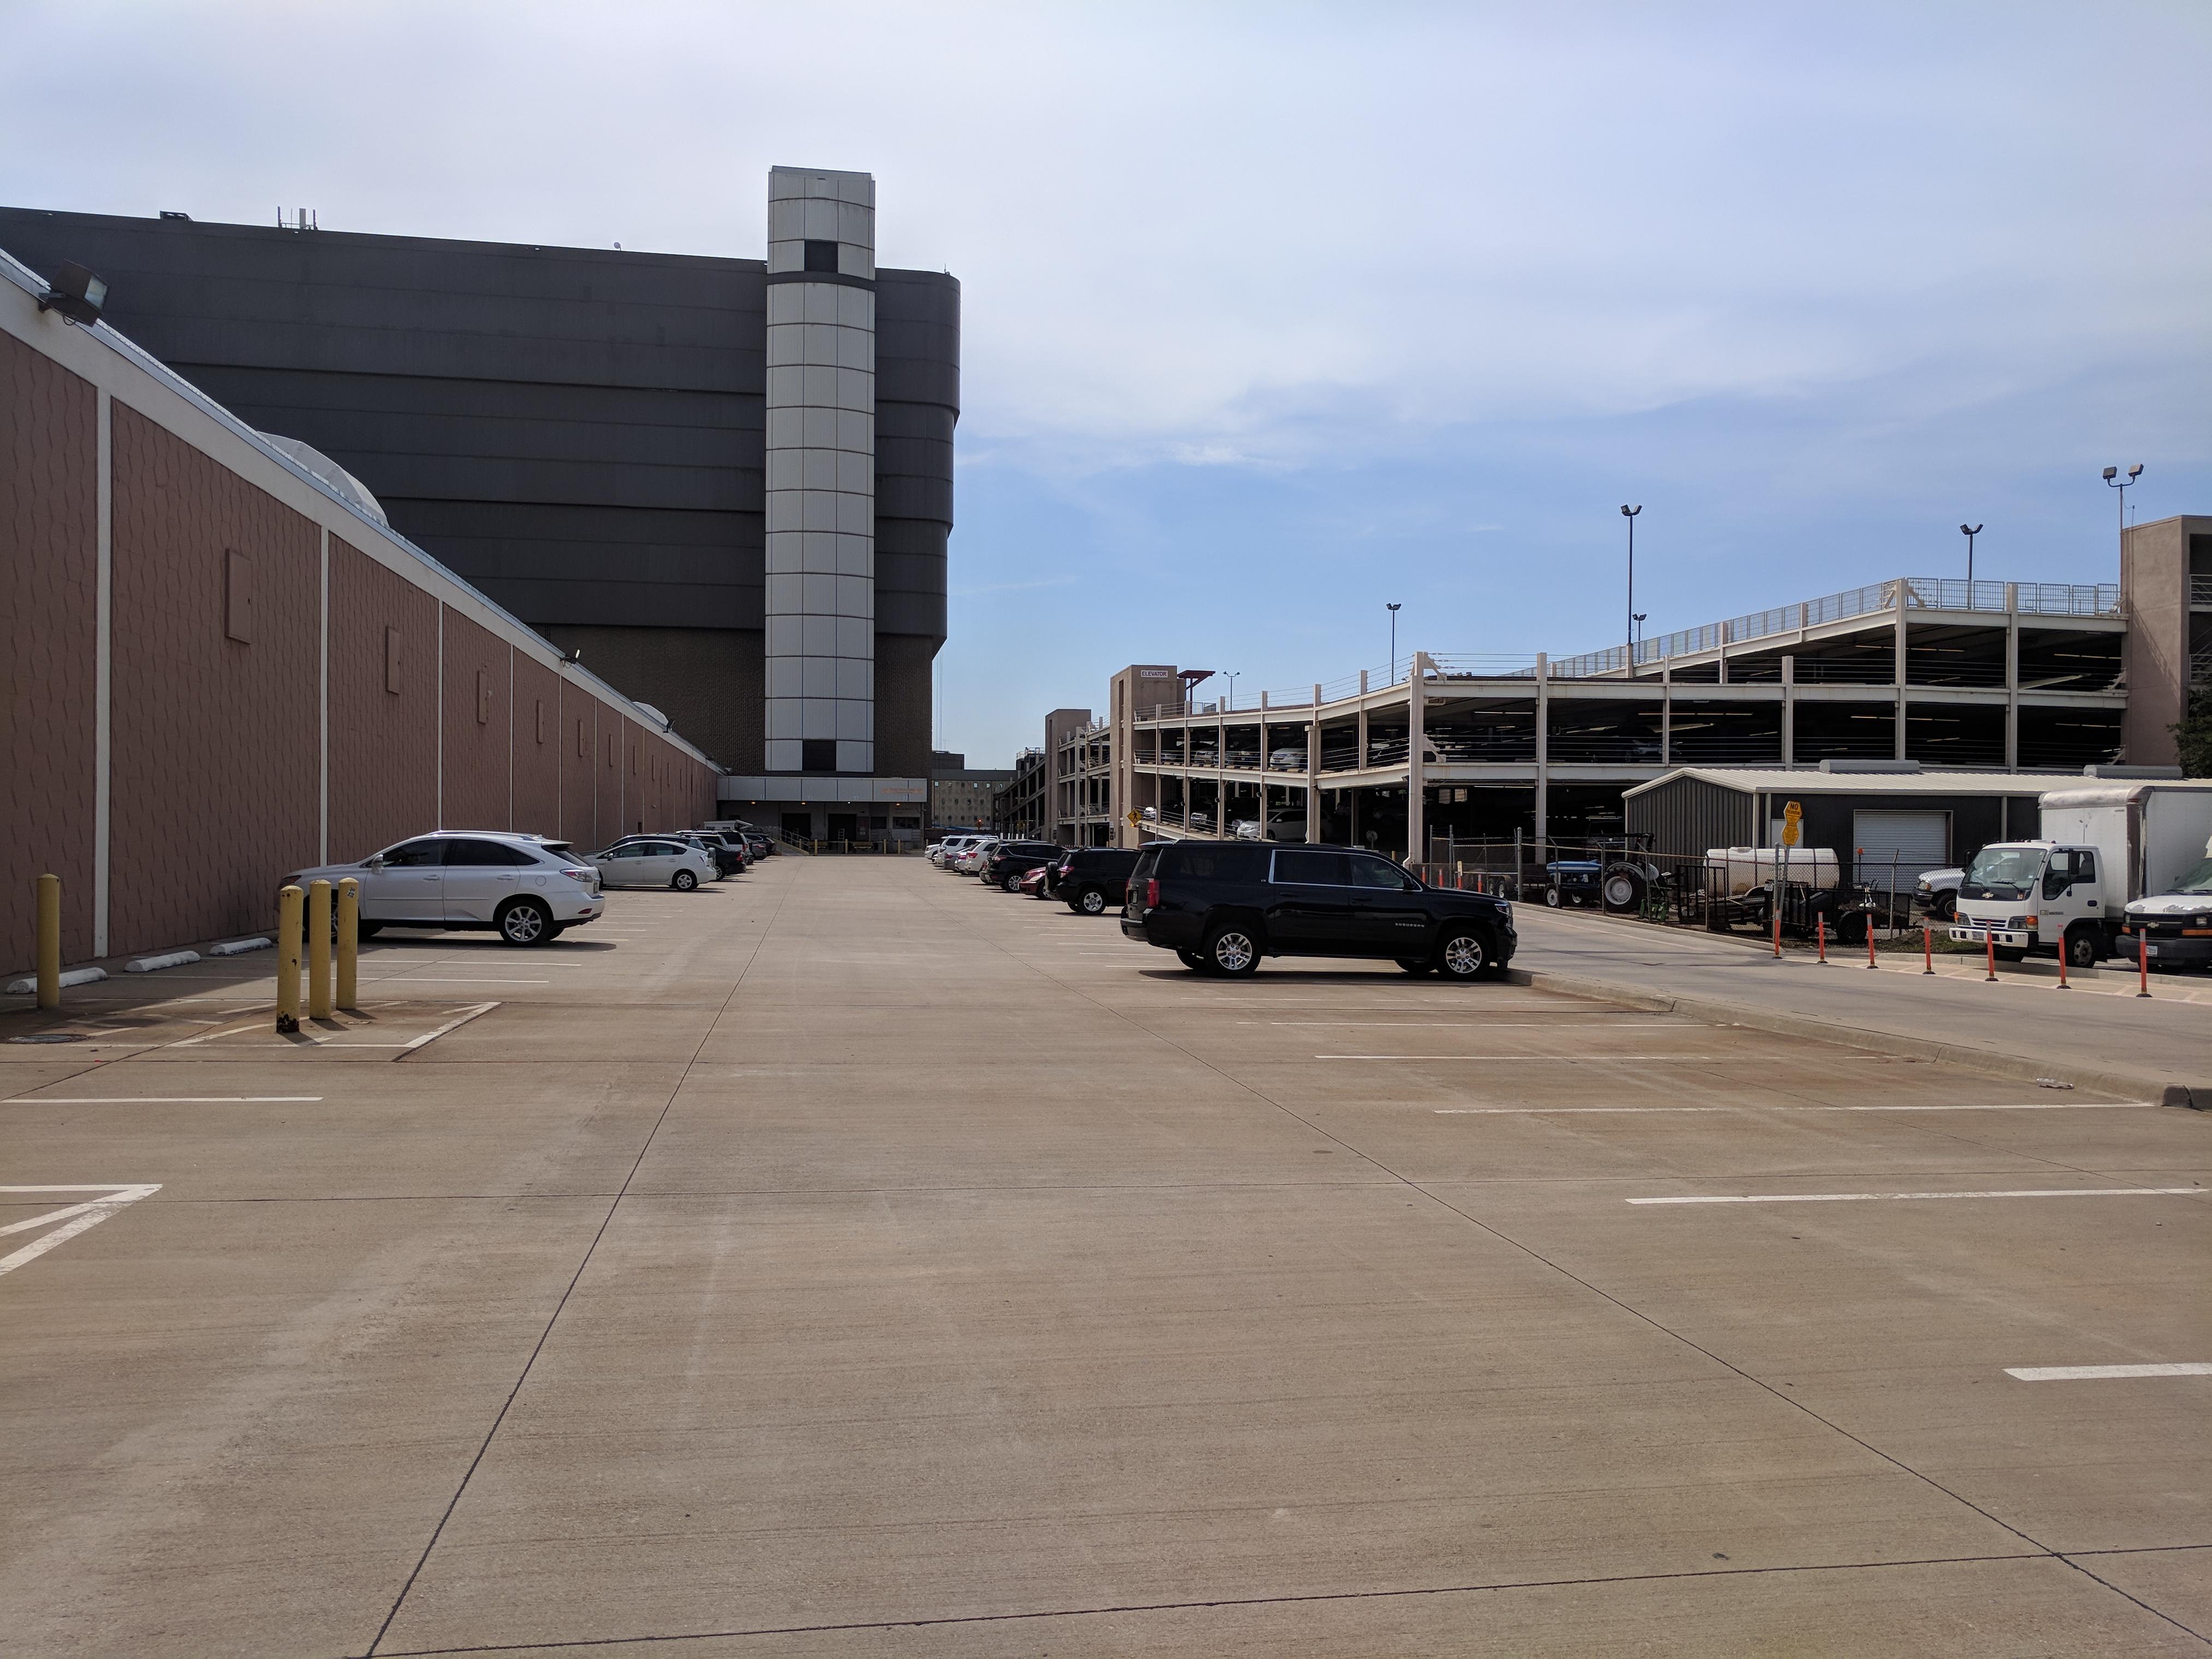 file dallas market center trade mart dallas texas 41266291004 rh commons wikimedia org